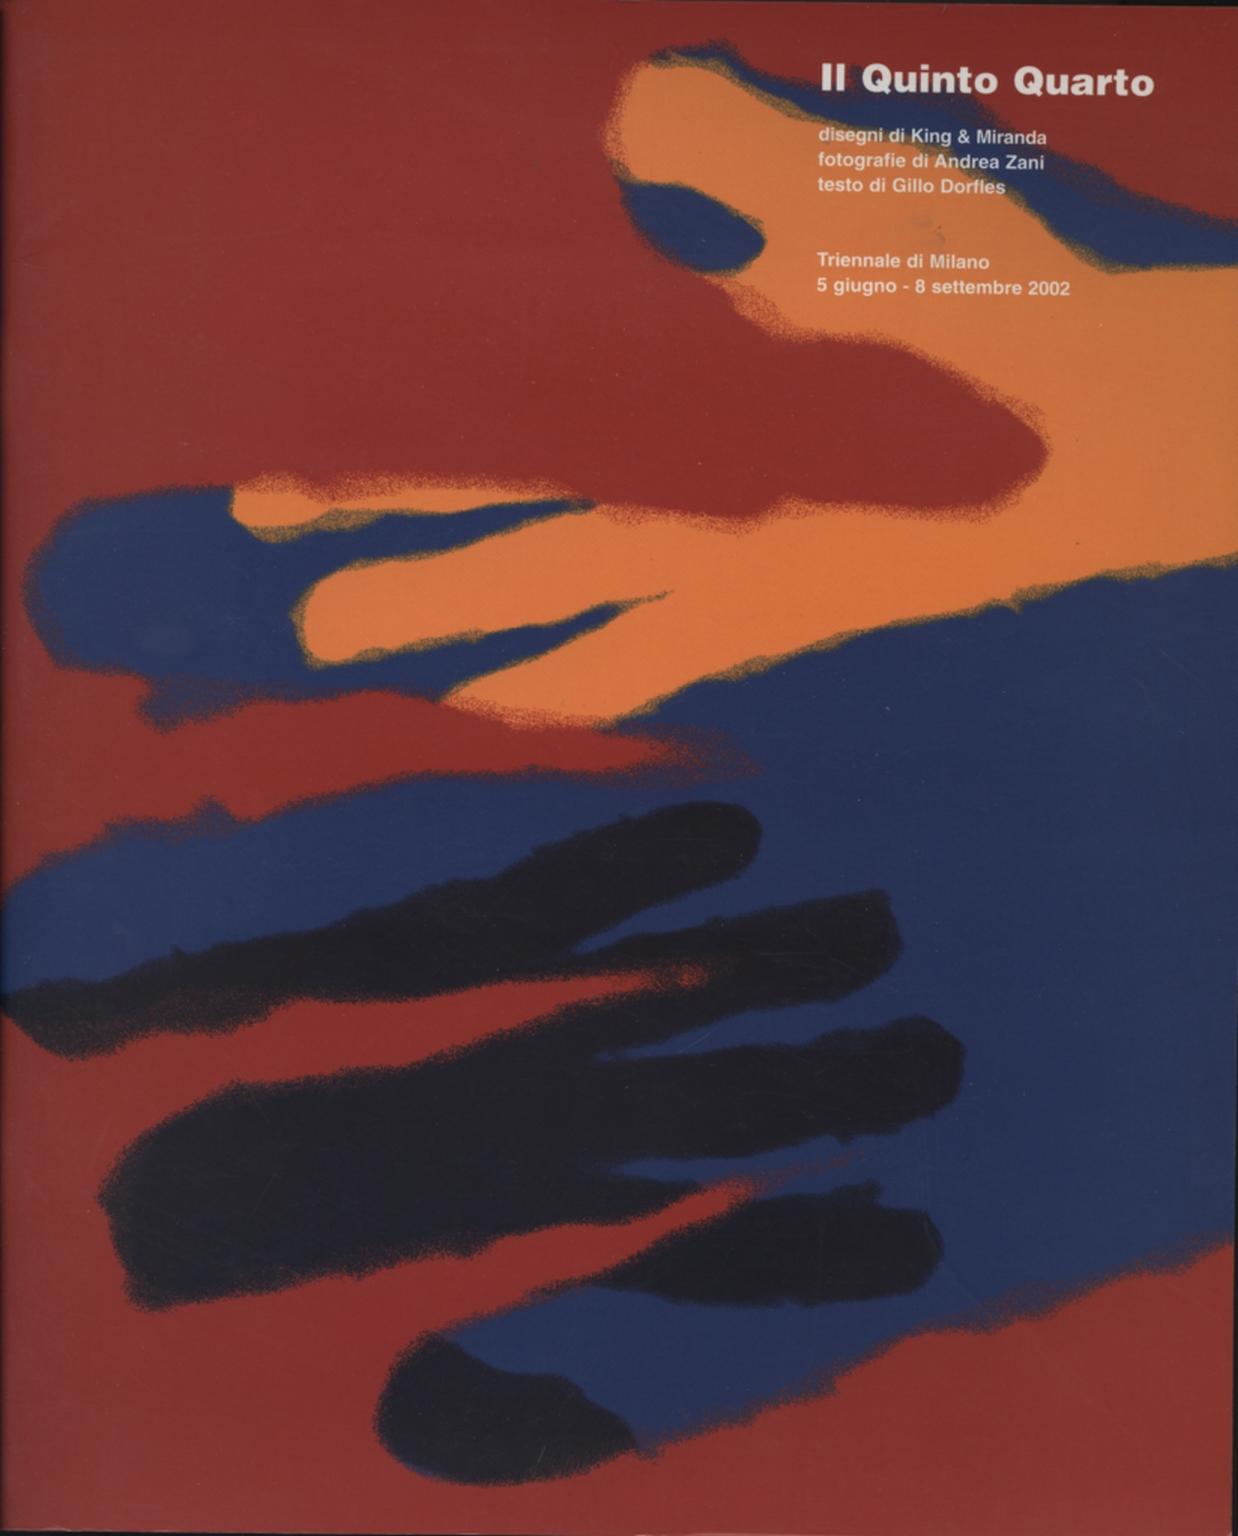 Il quinto quarto gillo dorfles cataloghi d 39 arte arte for Il quinto quarto